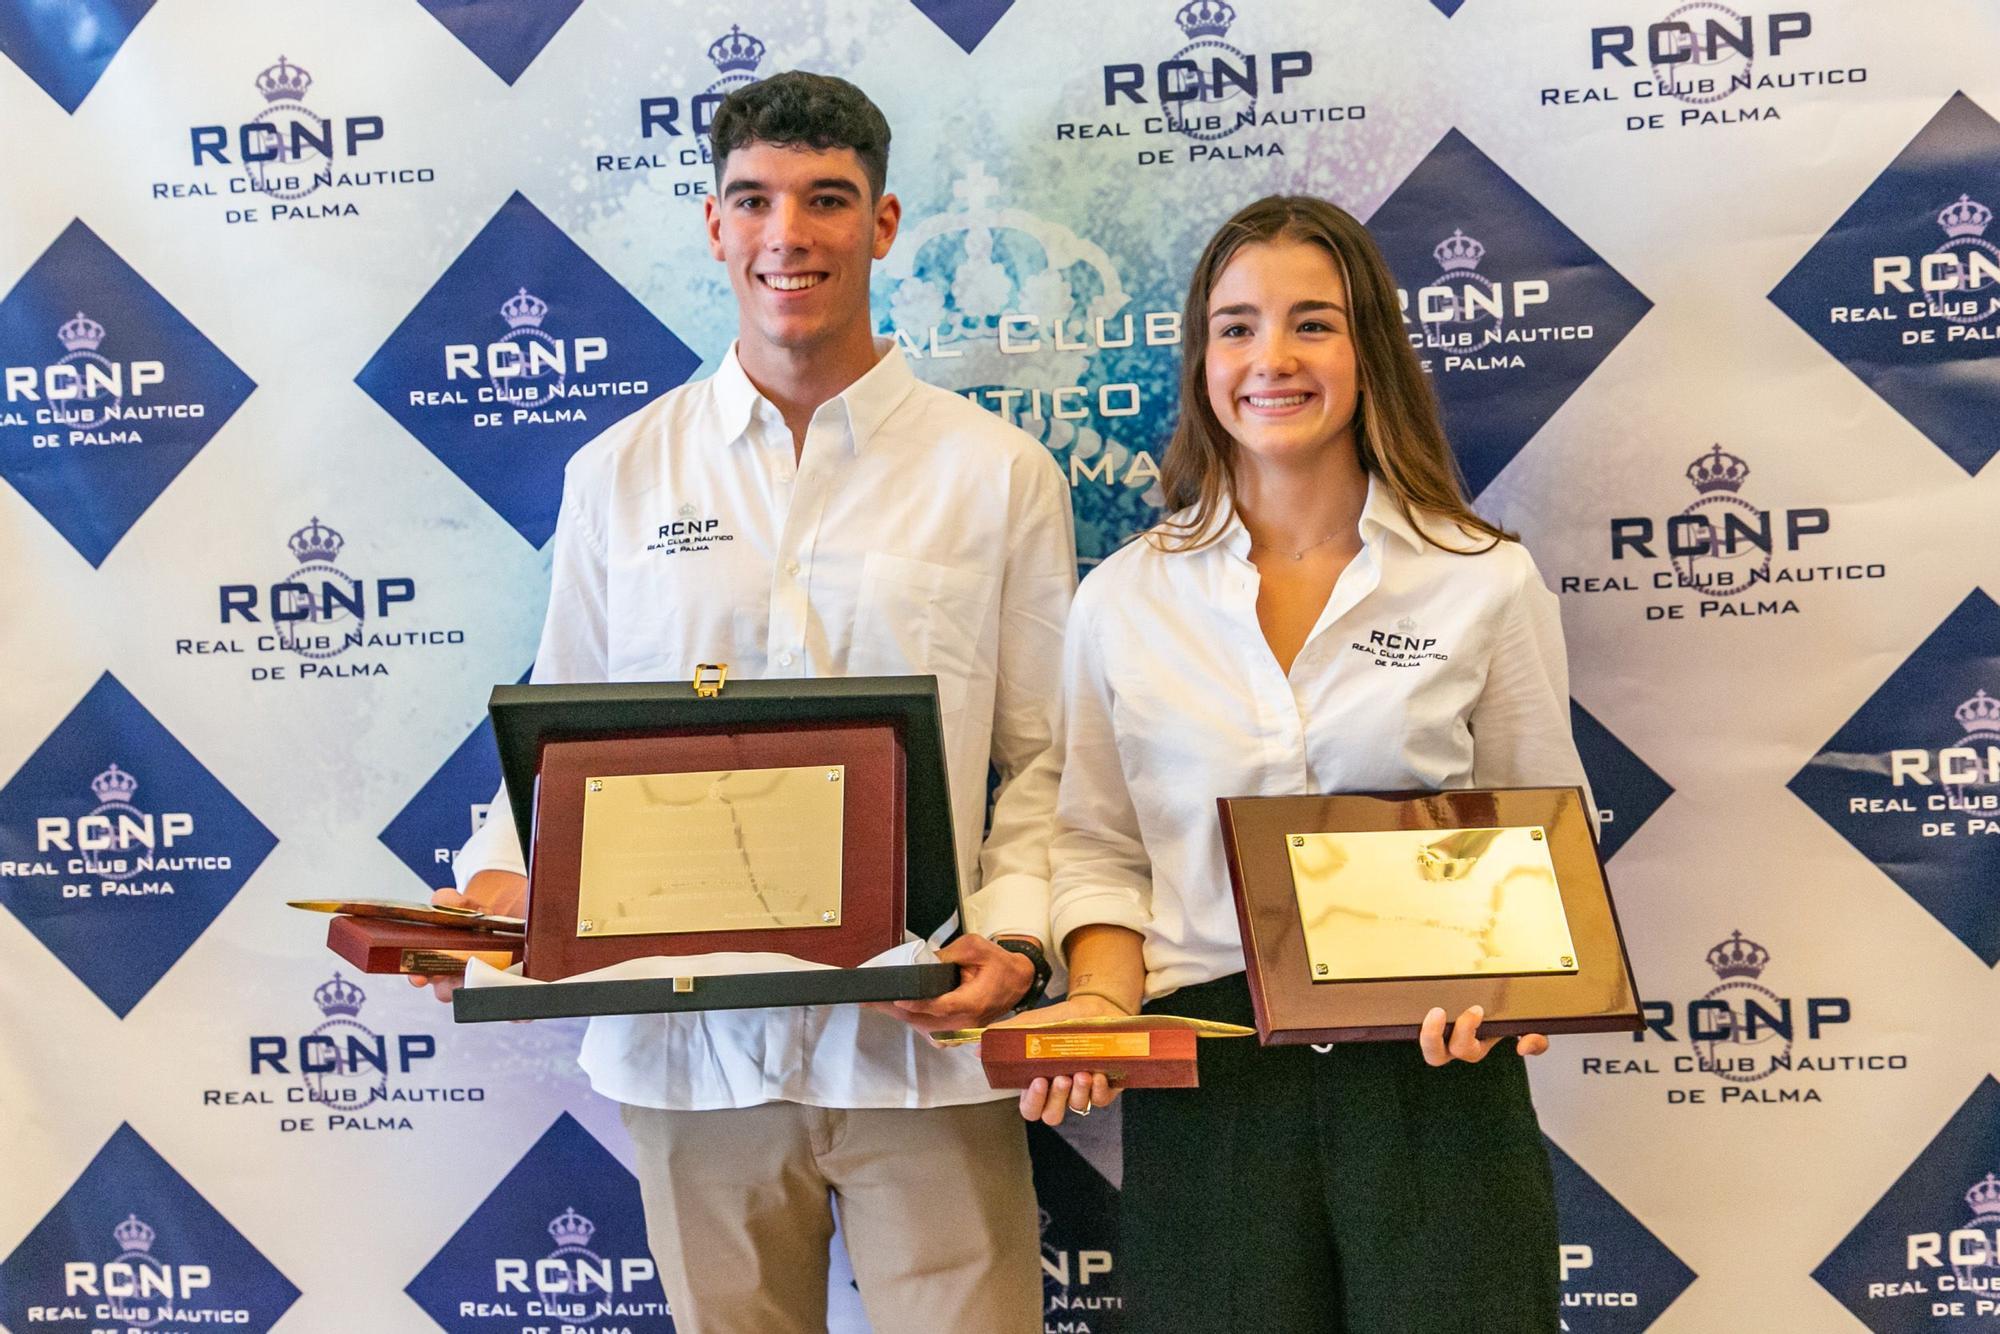 El RCN Palma homenajea a Álex Graneri y a Carla Vey